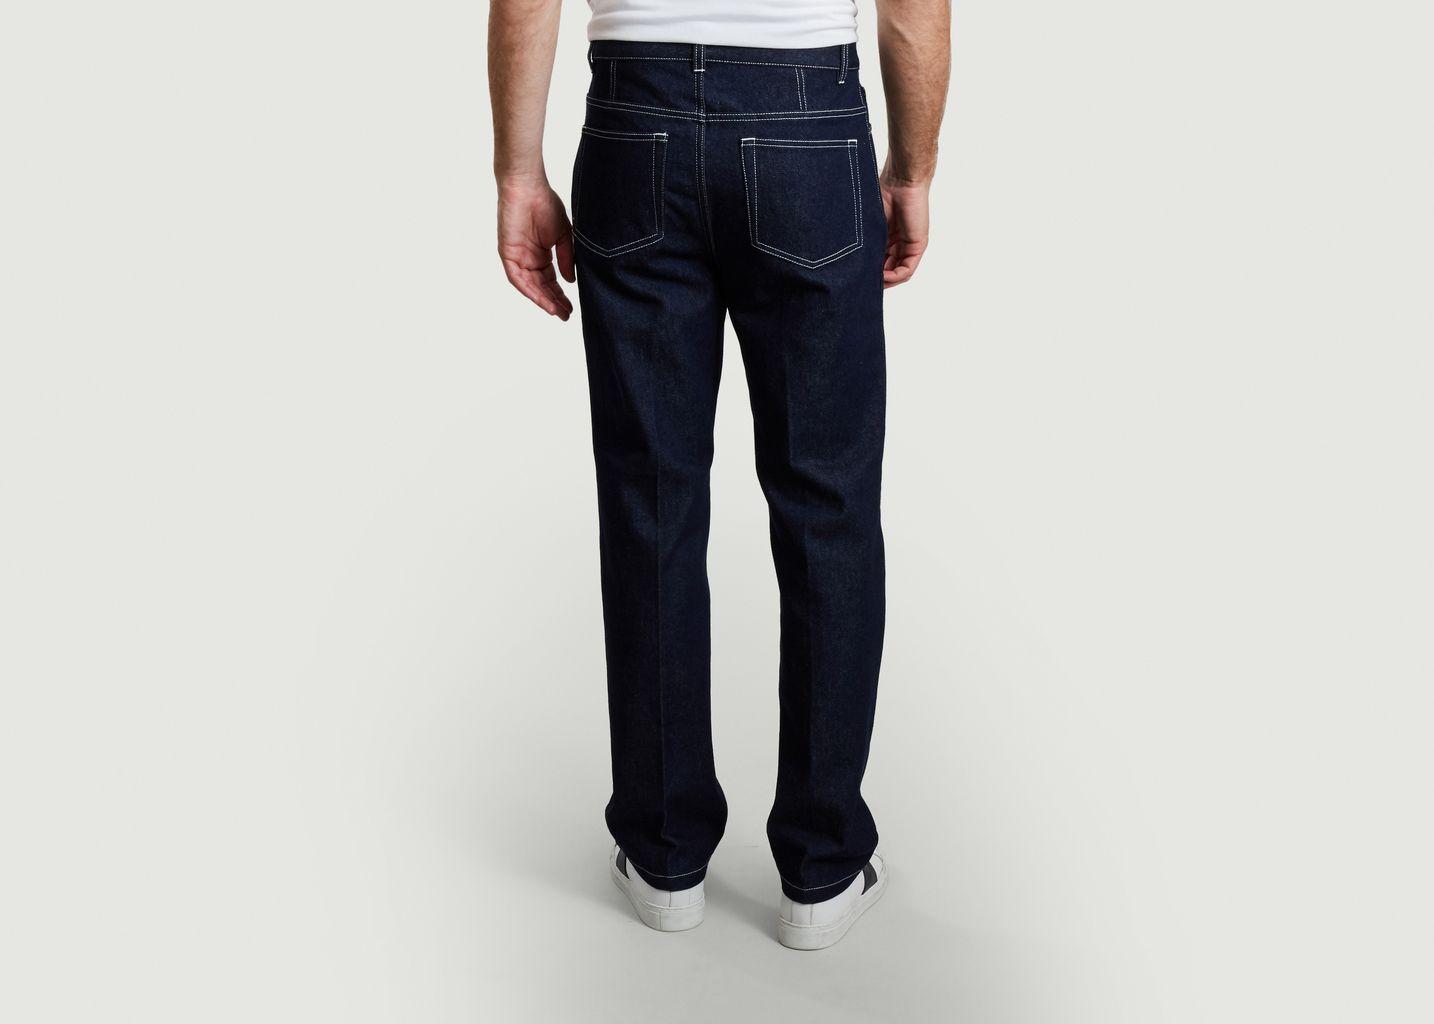 Pantalon droit en denim japonais - AMI Paris